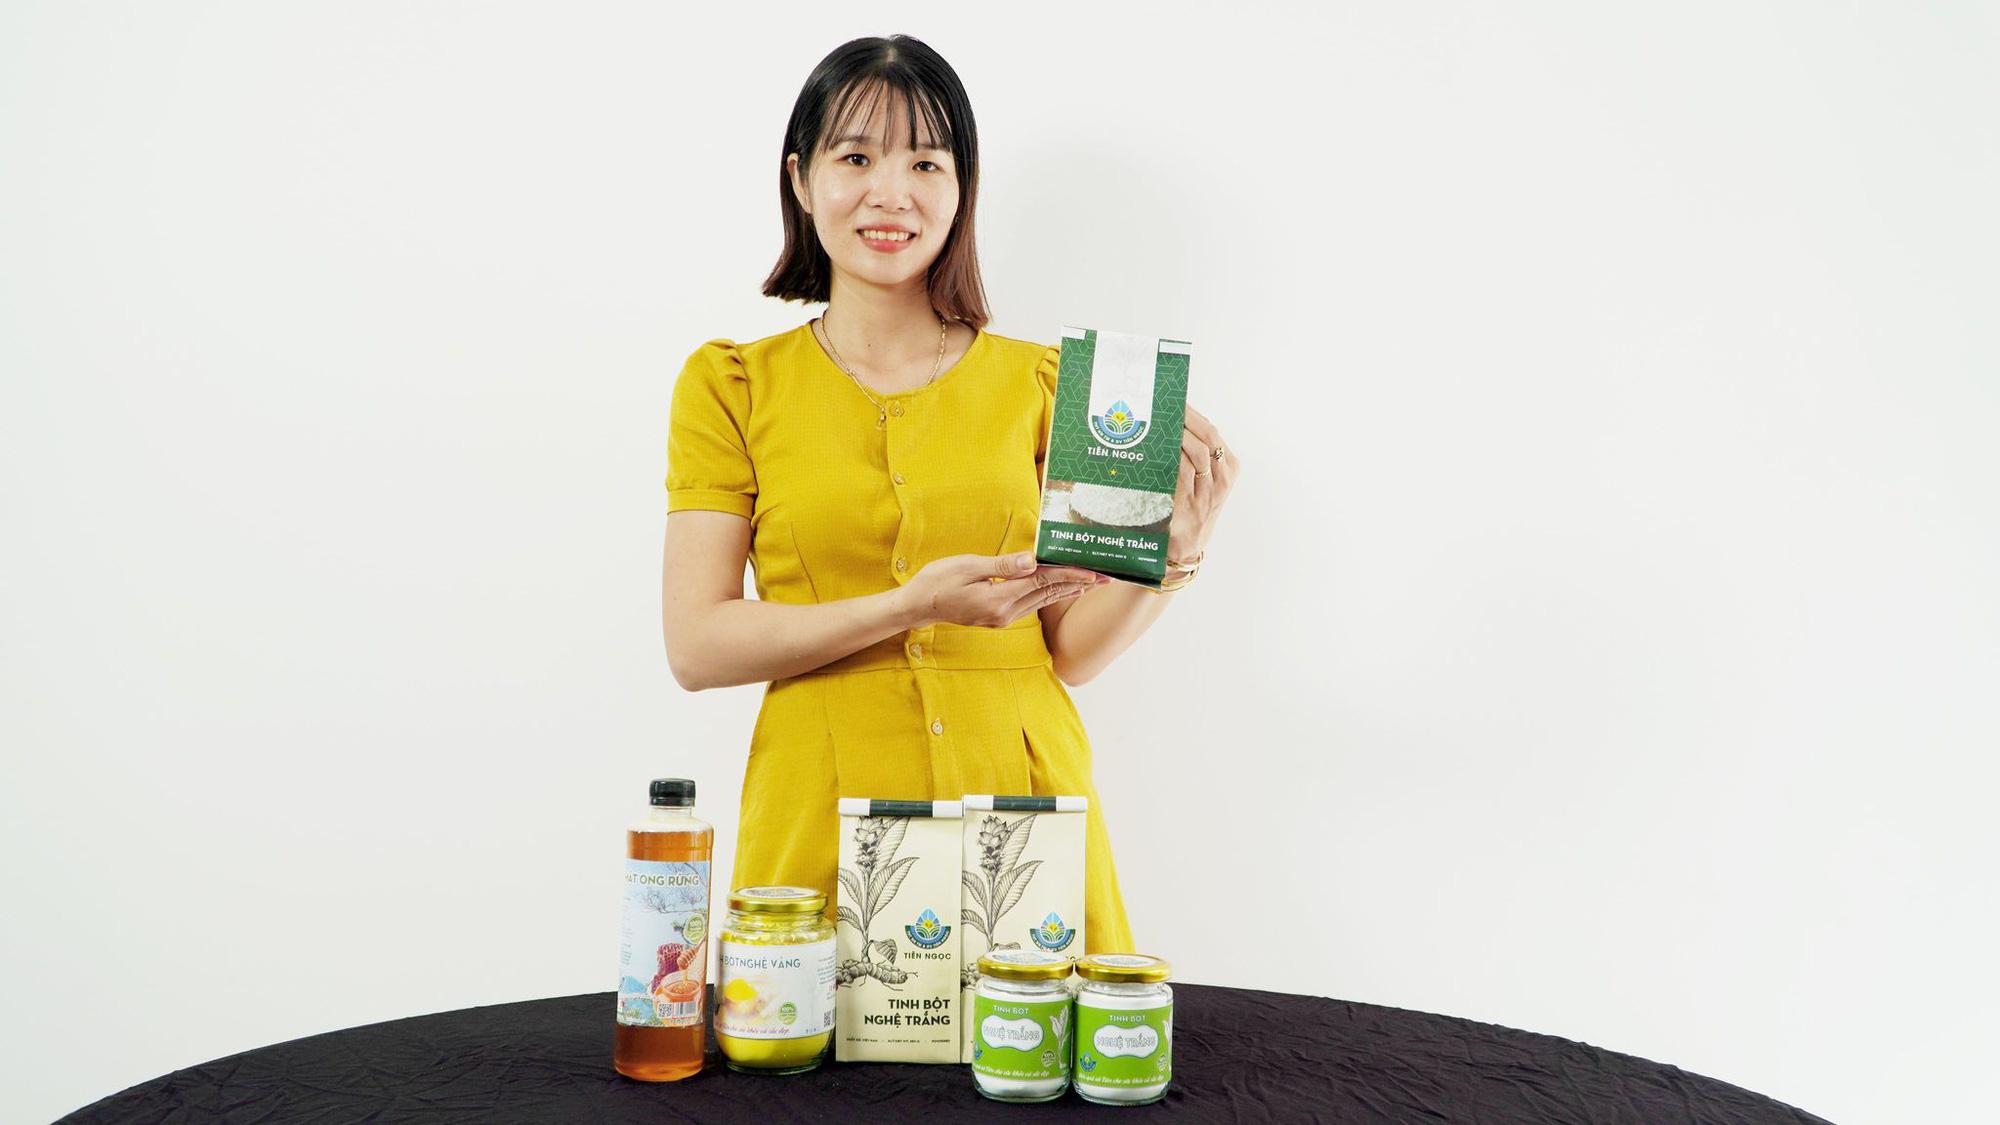 Quảng Nam: Nữ 9X biến củ nghệ trắng thành sản phẩm có giá trị kinh tế cao - Ảnh 1.